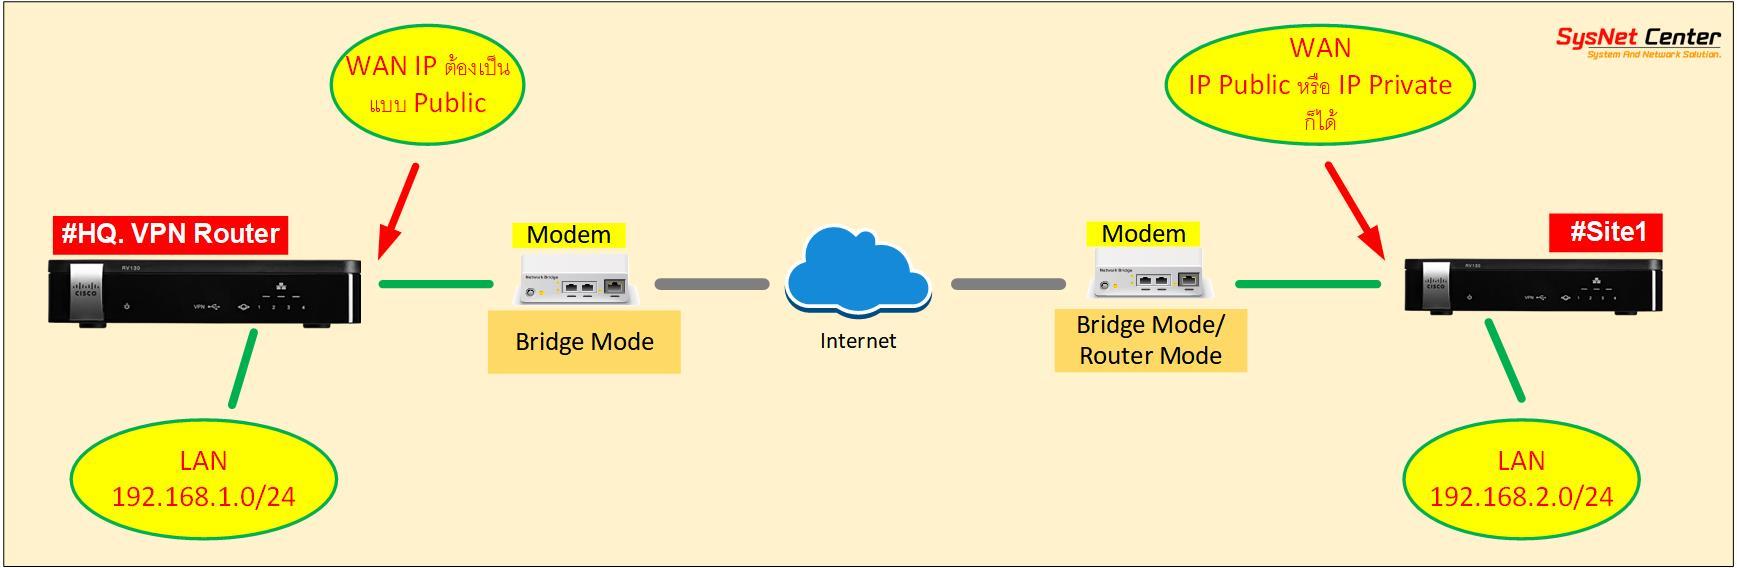 how to vpn